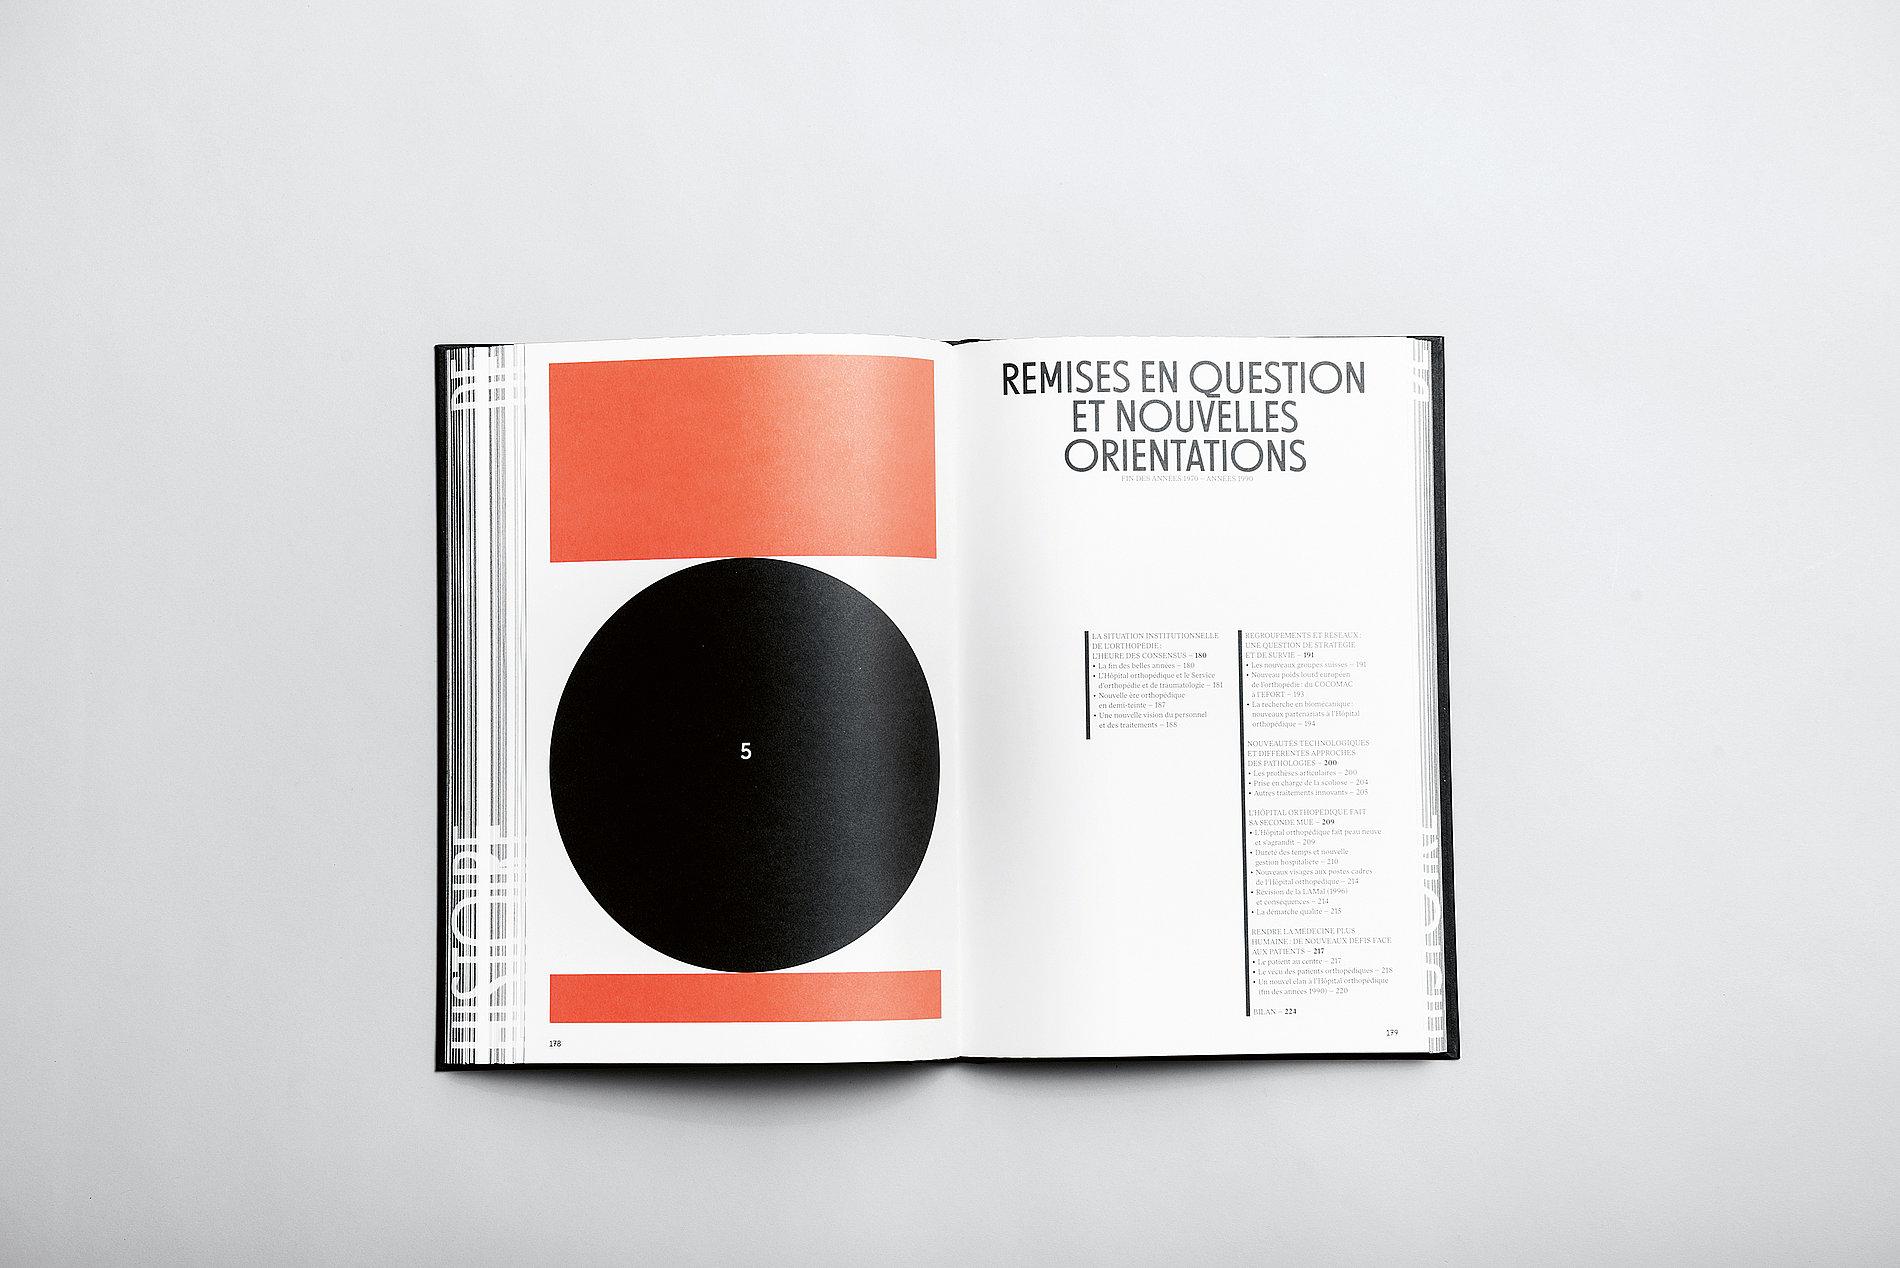 Une histoire de l'orthopédie | Red Dot Design Award